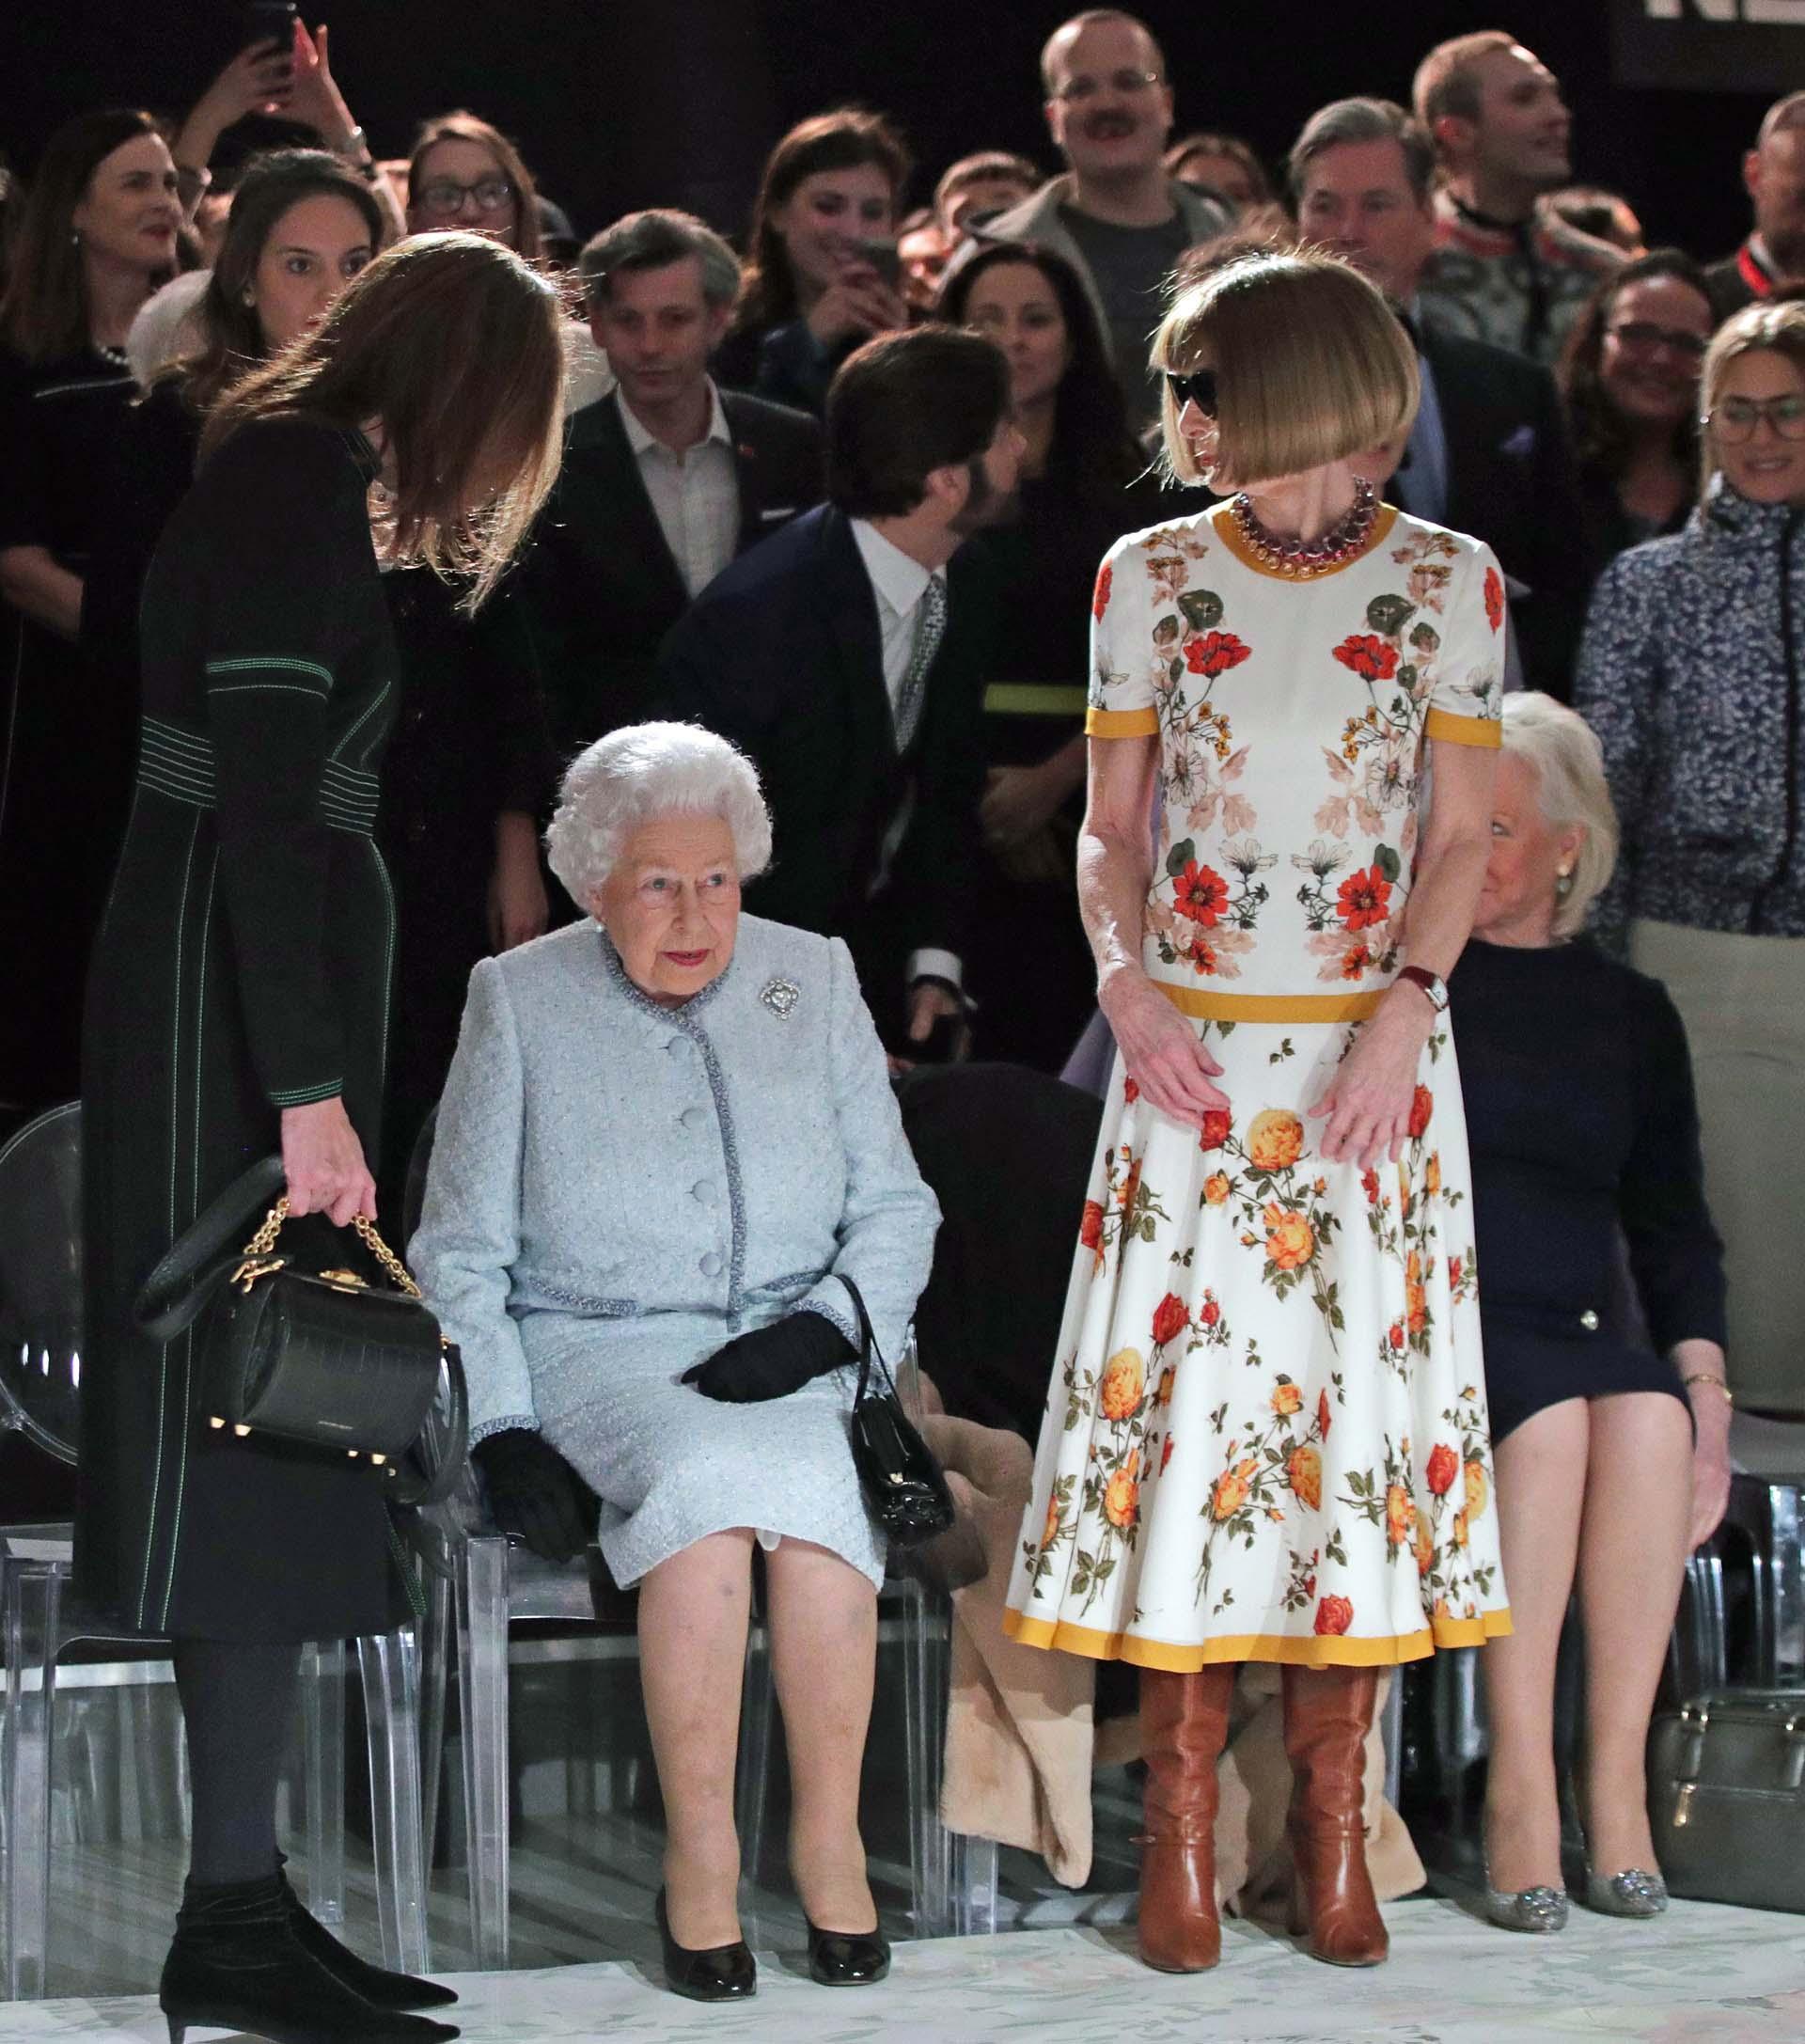 Una de las mujeres más poderosas del ambiente comparte lugar junta a la Reina Isabel II, expectantes antes de la presentación de la firma italiana: Gucci